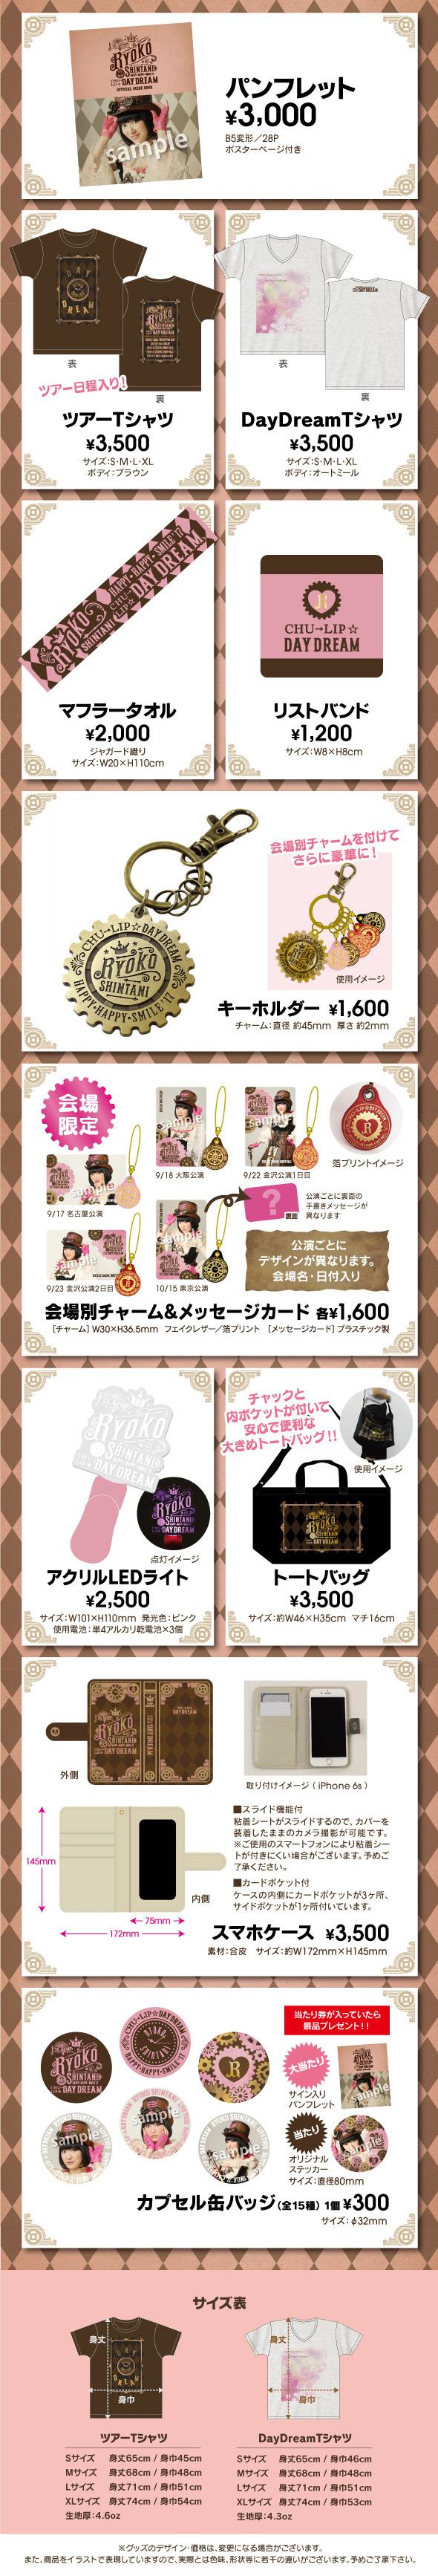 170912-goods_02.jpg